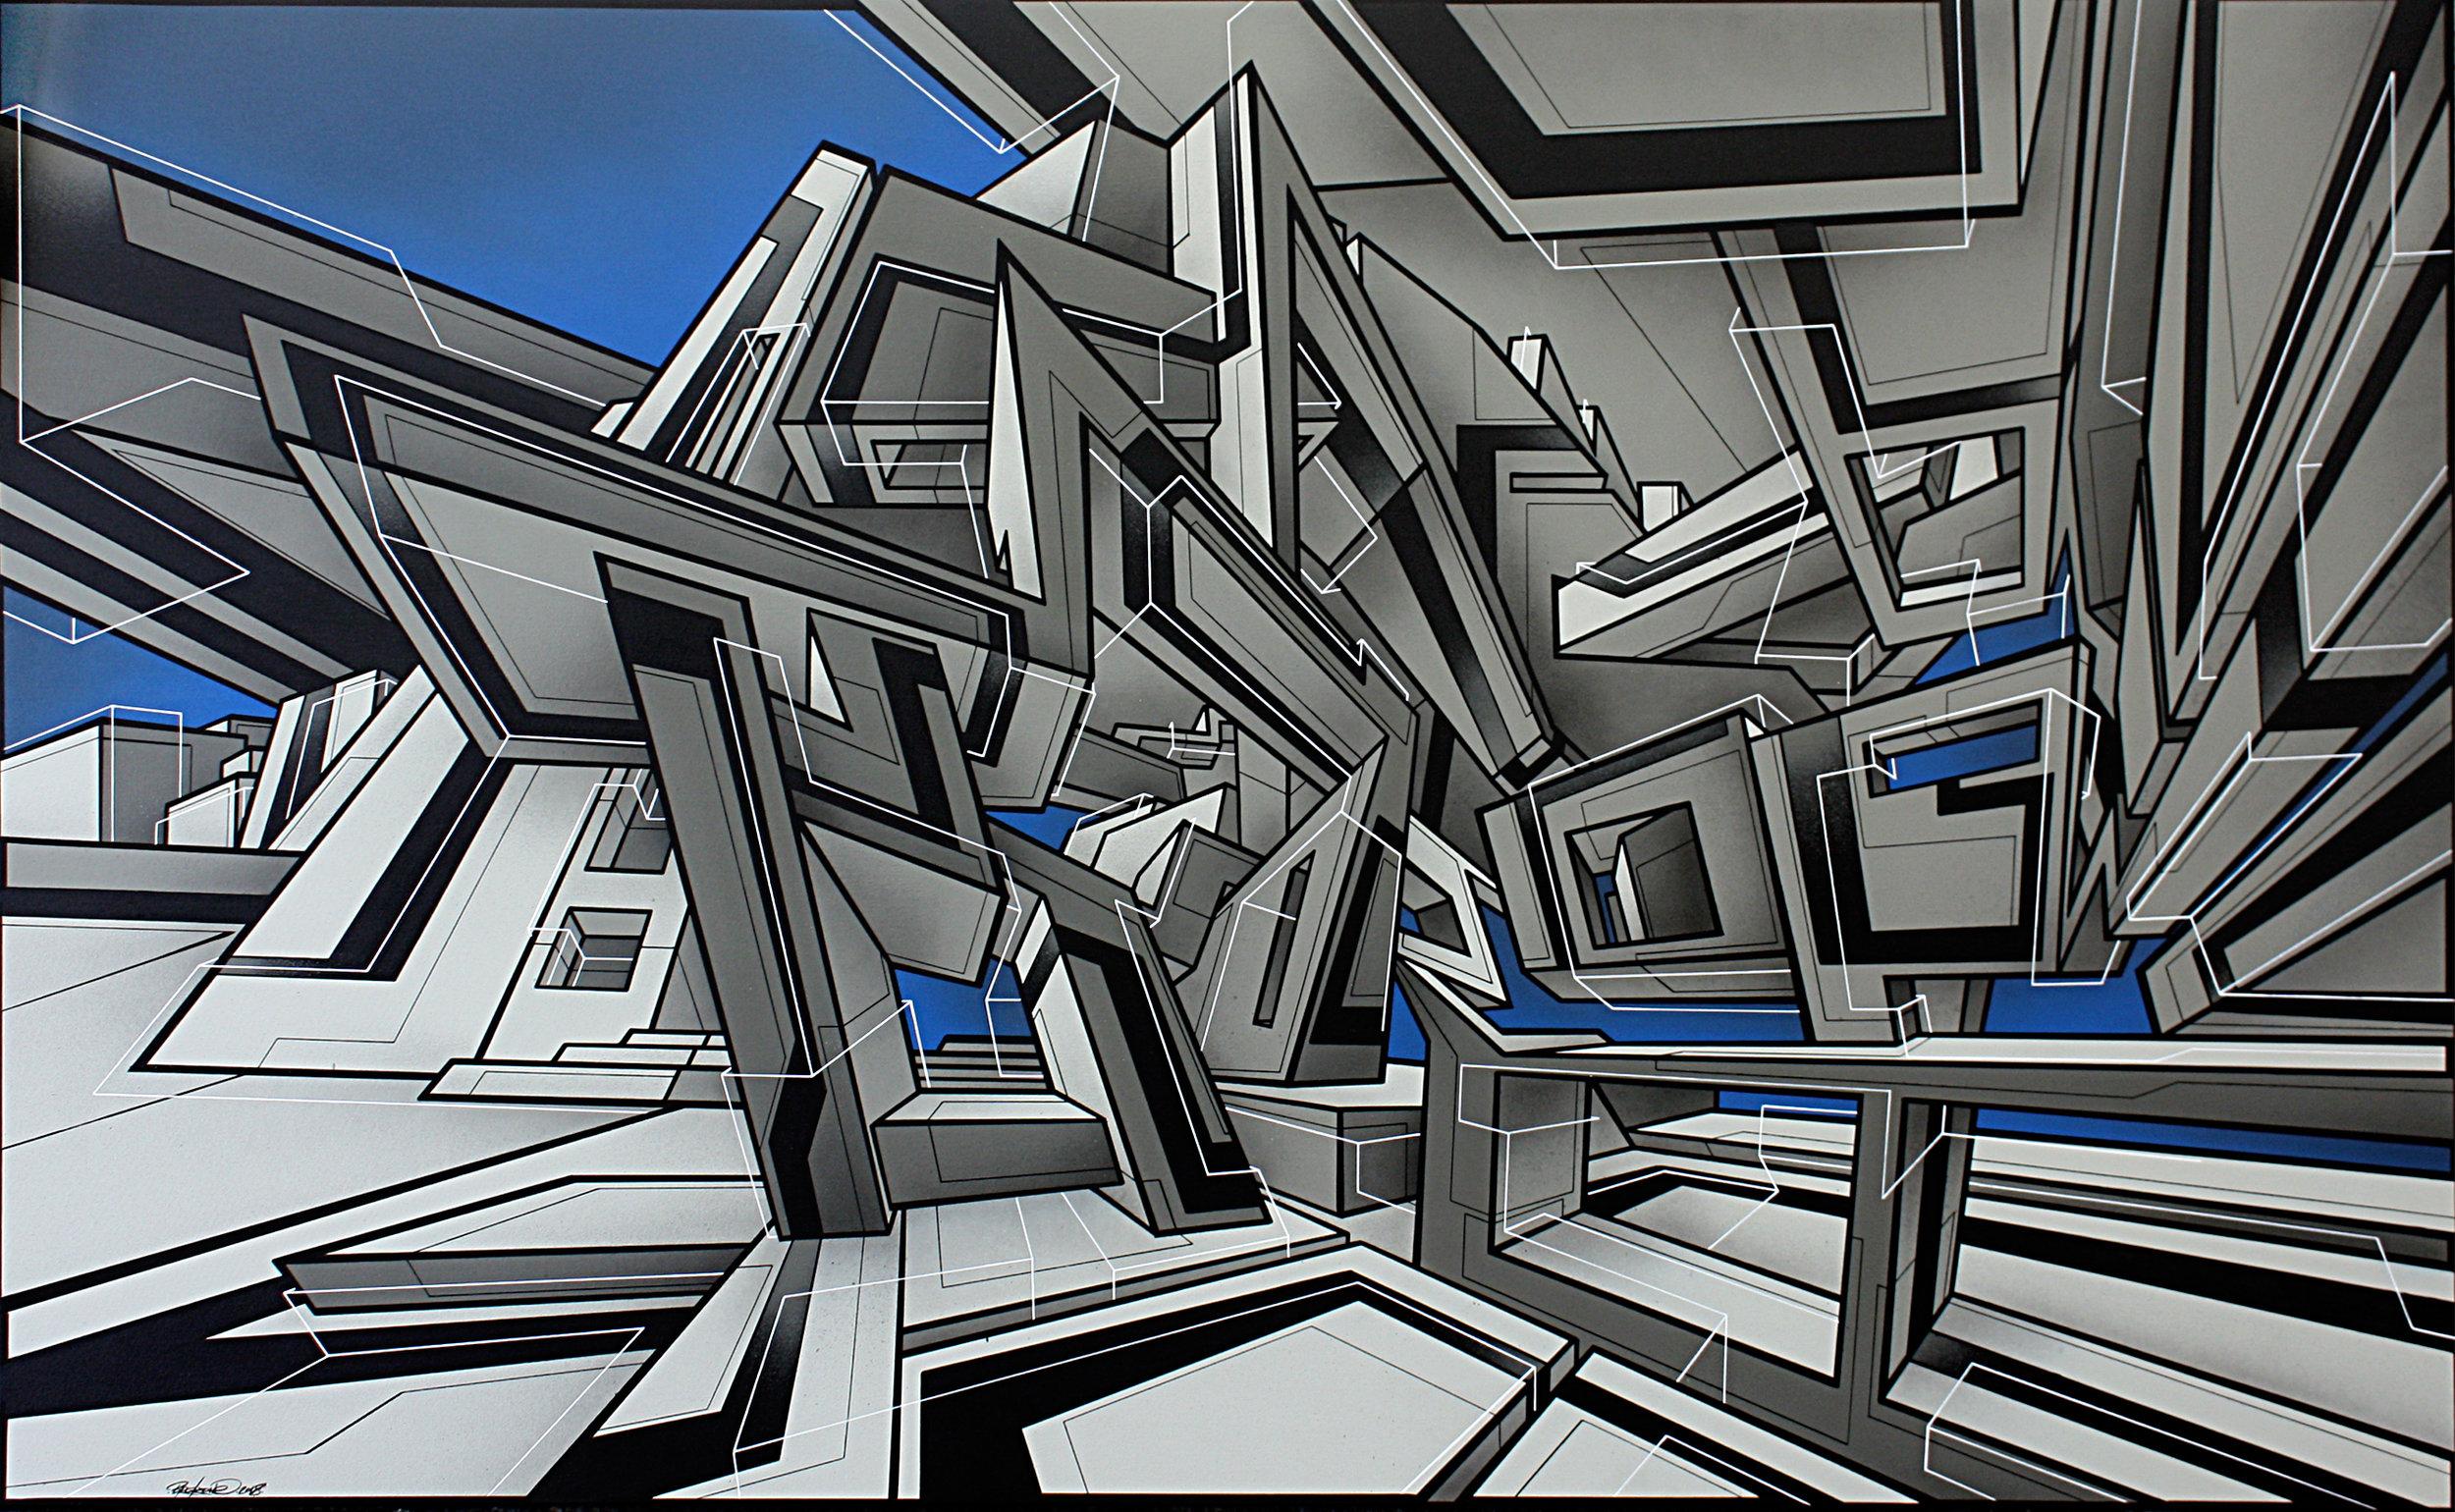 Cosmos 1999 Acrylique et aérosol sur toile 97 x 114 cm